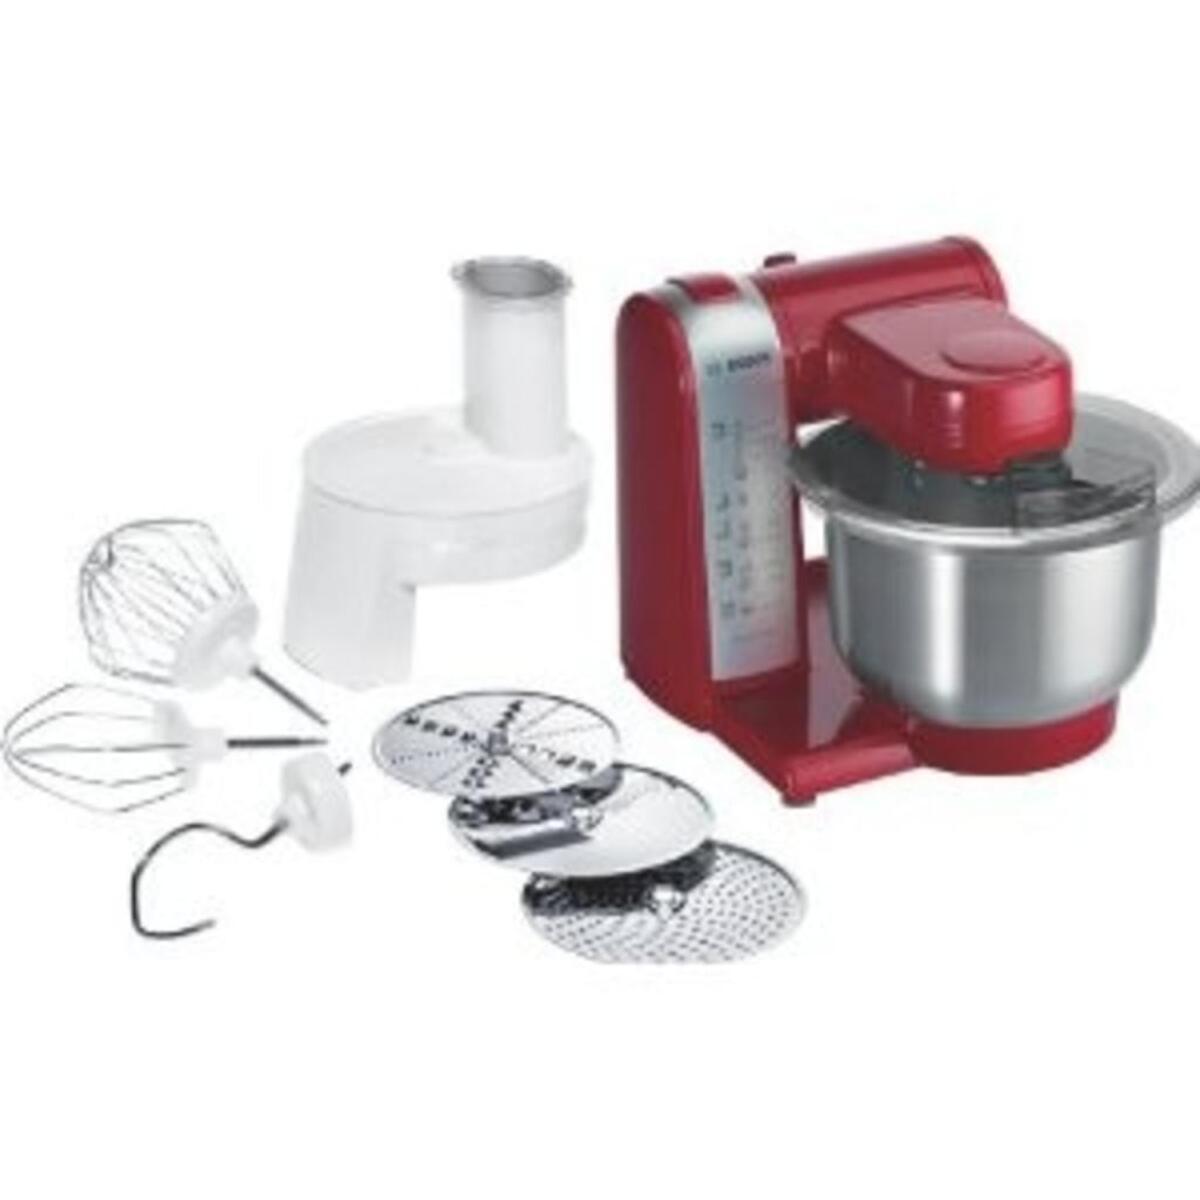 Bild 2 von Bosch MUM 48R1 Multifunktions Küchenmaschine rot/silber